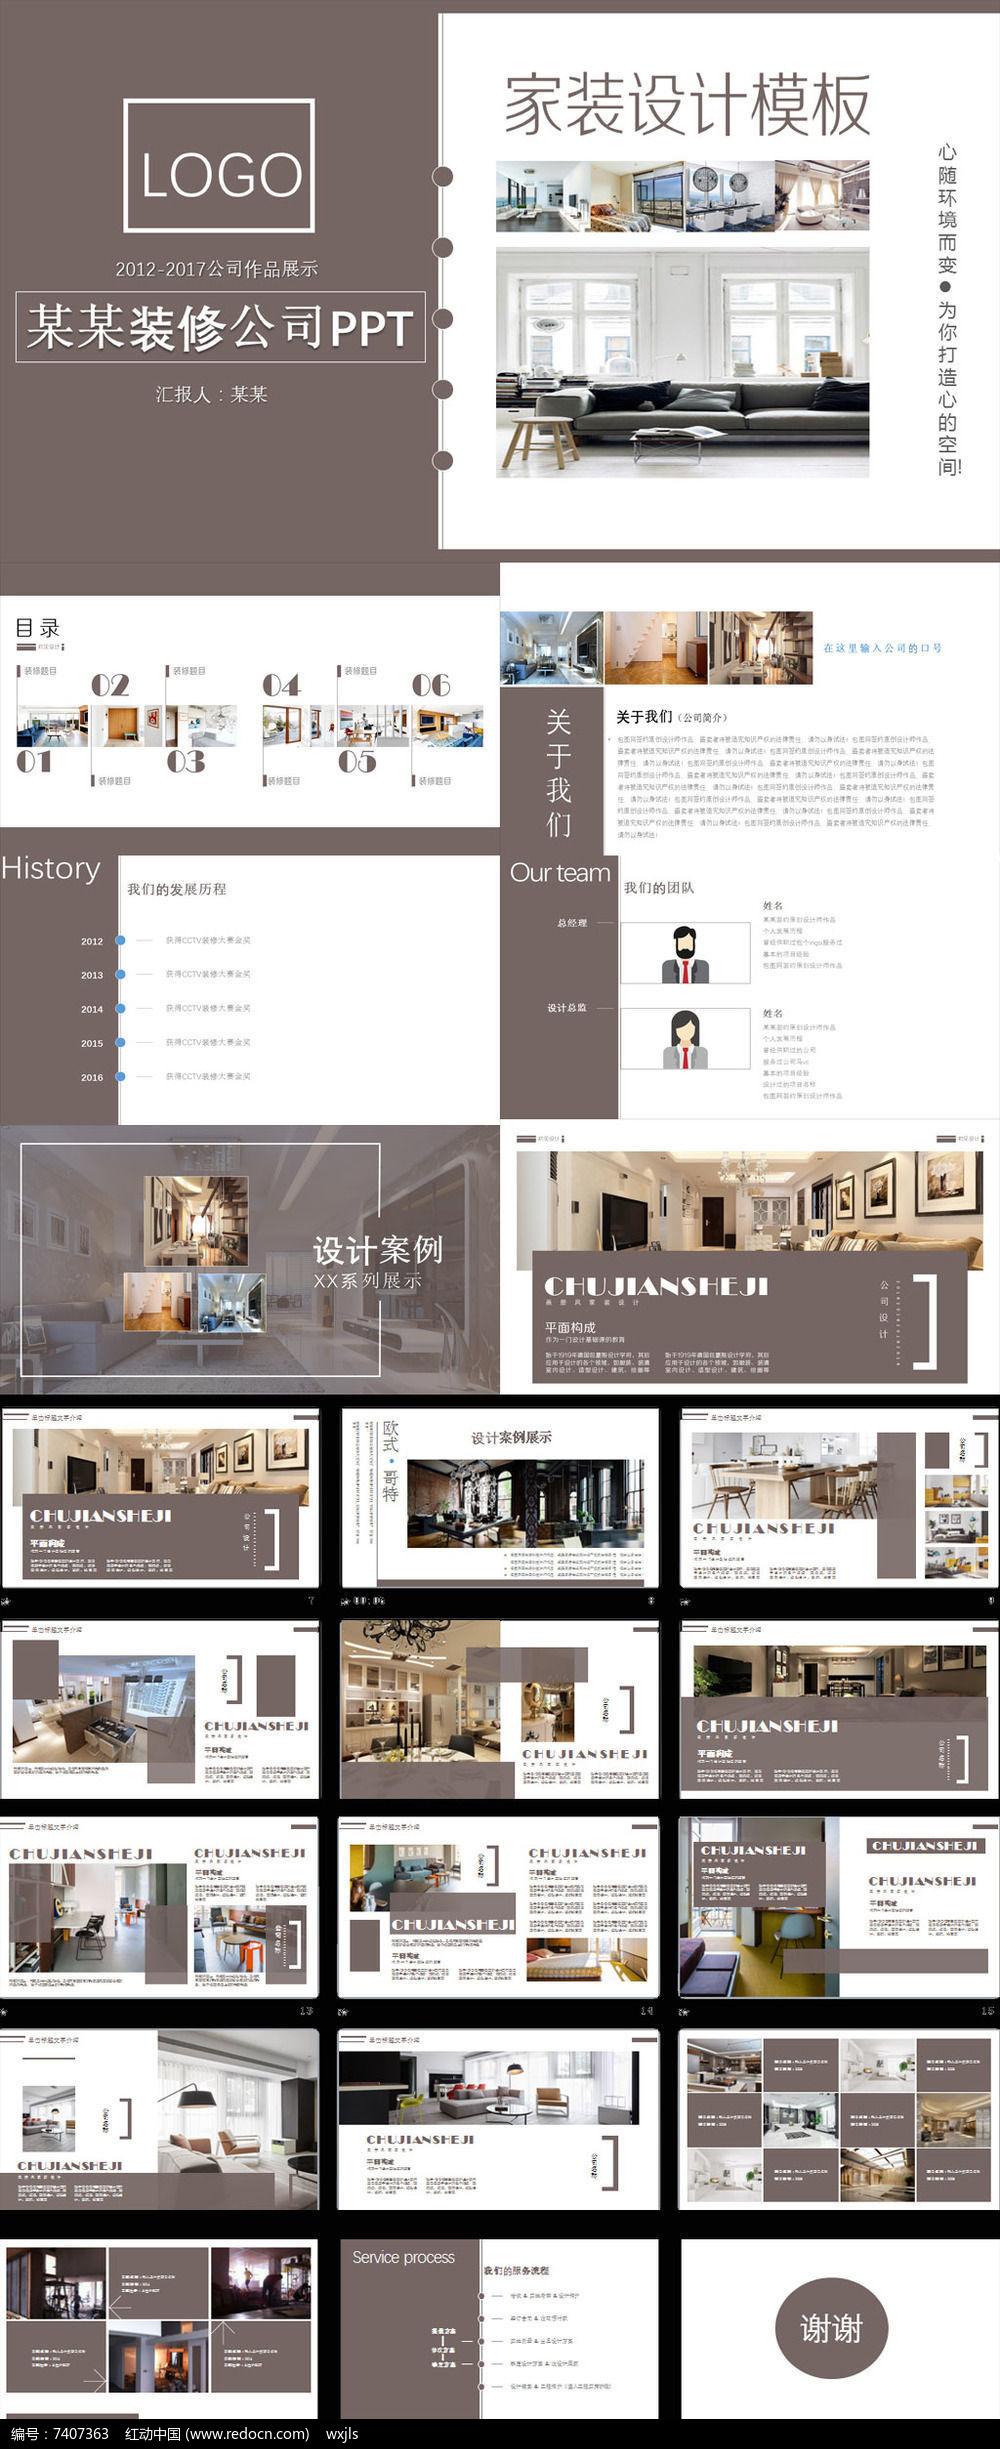 简约室内装修设计活动展示宣传ppt模板